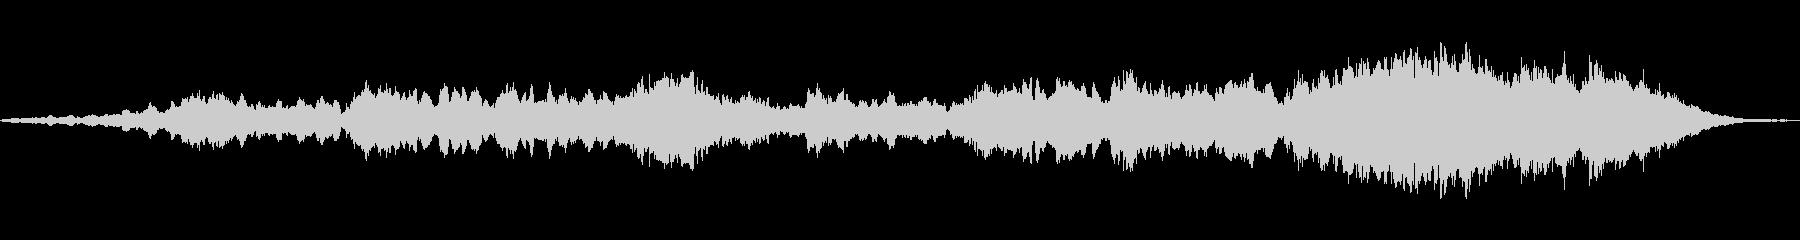 ブレードランナーのサウンドの未再生の波形